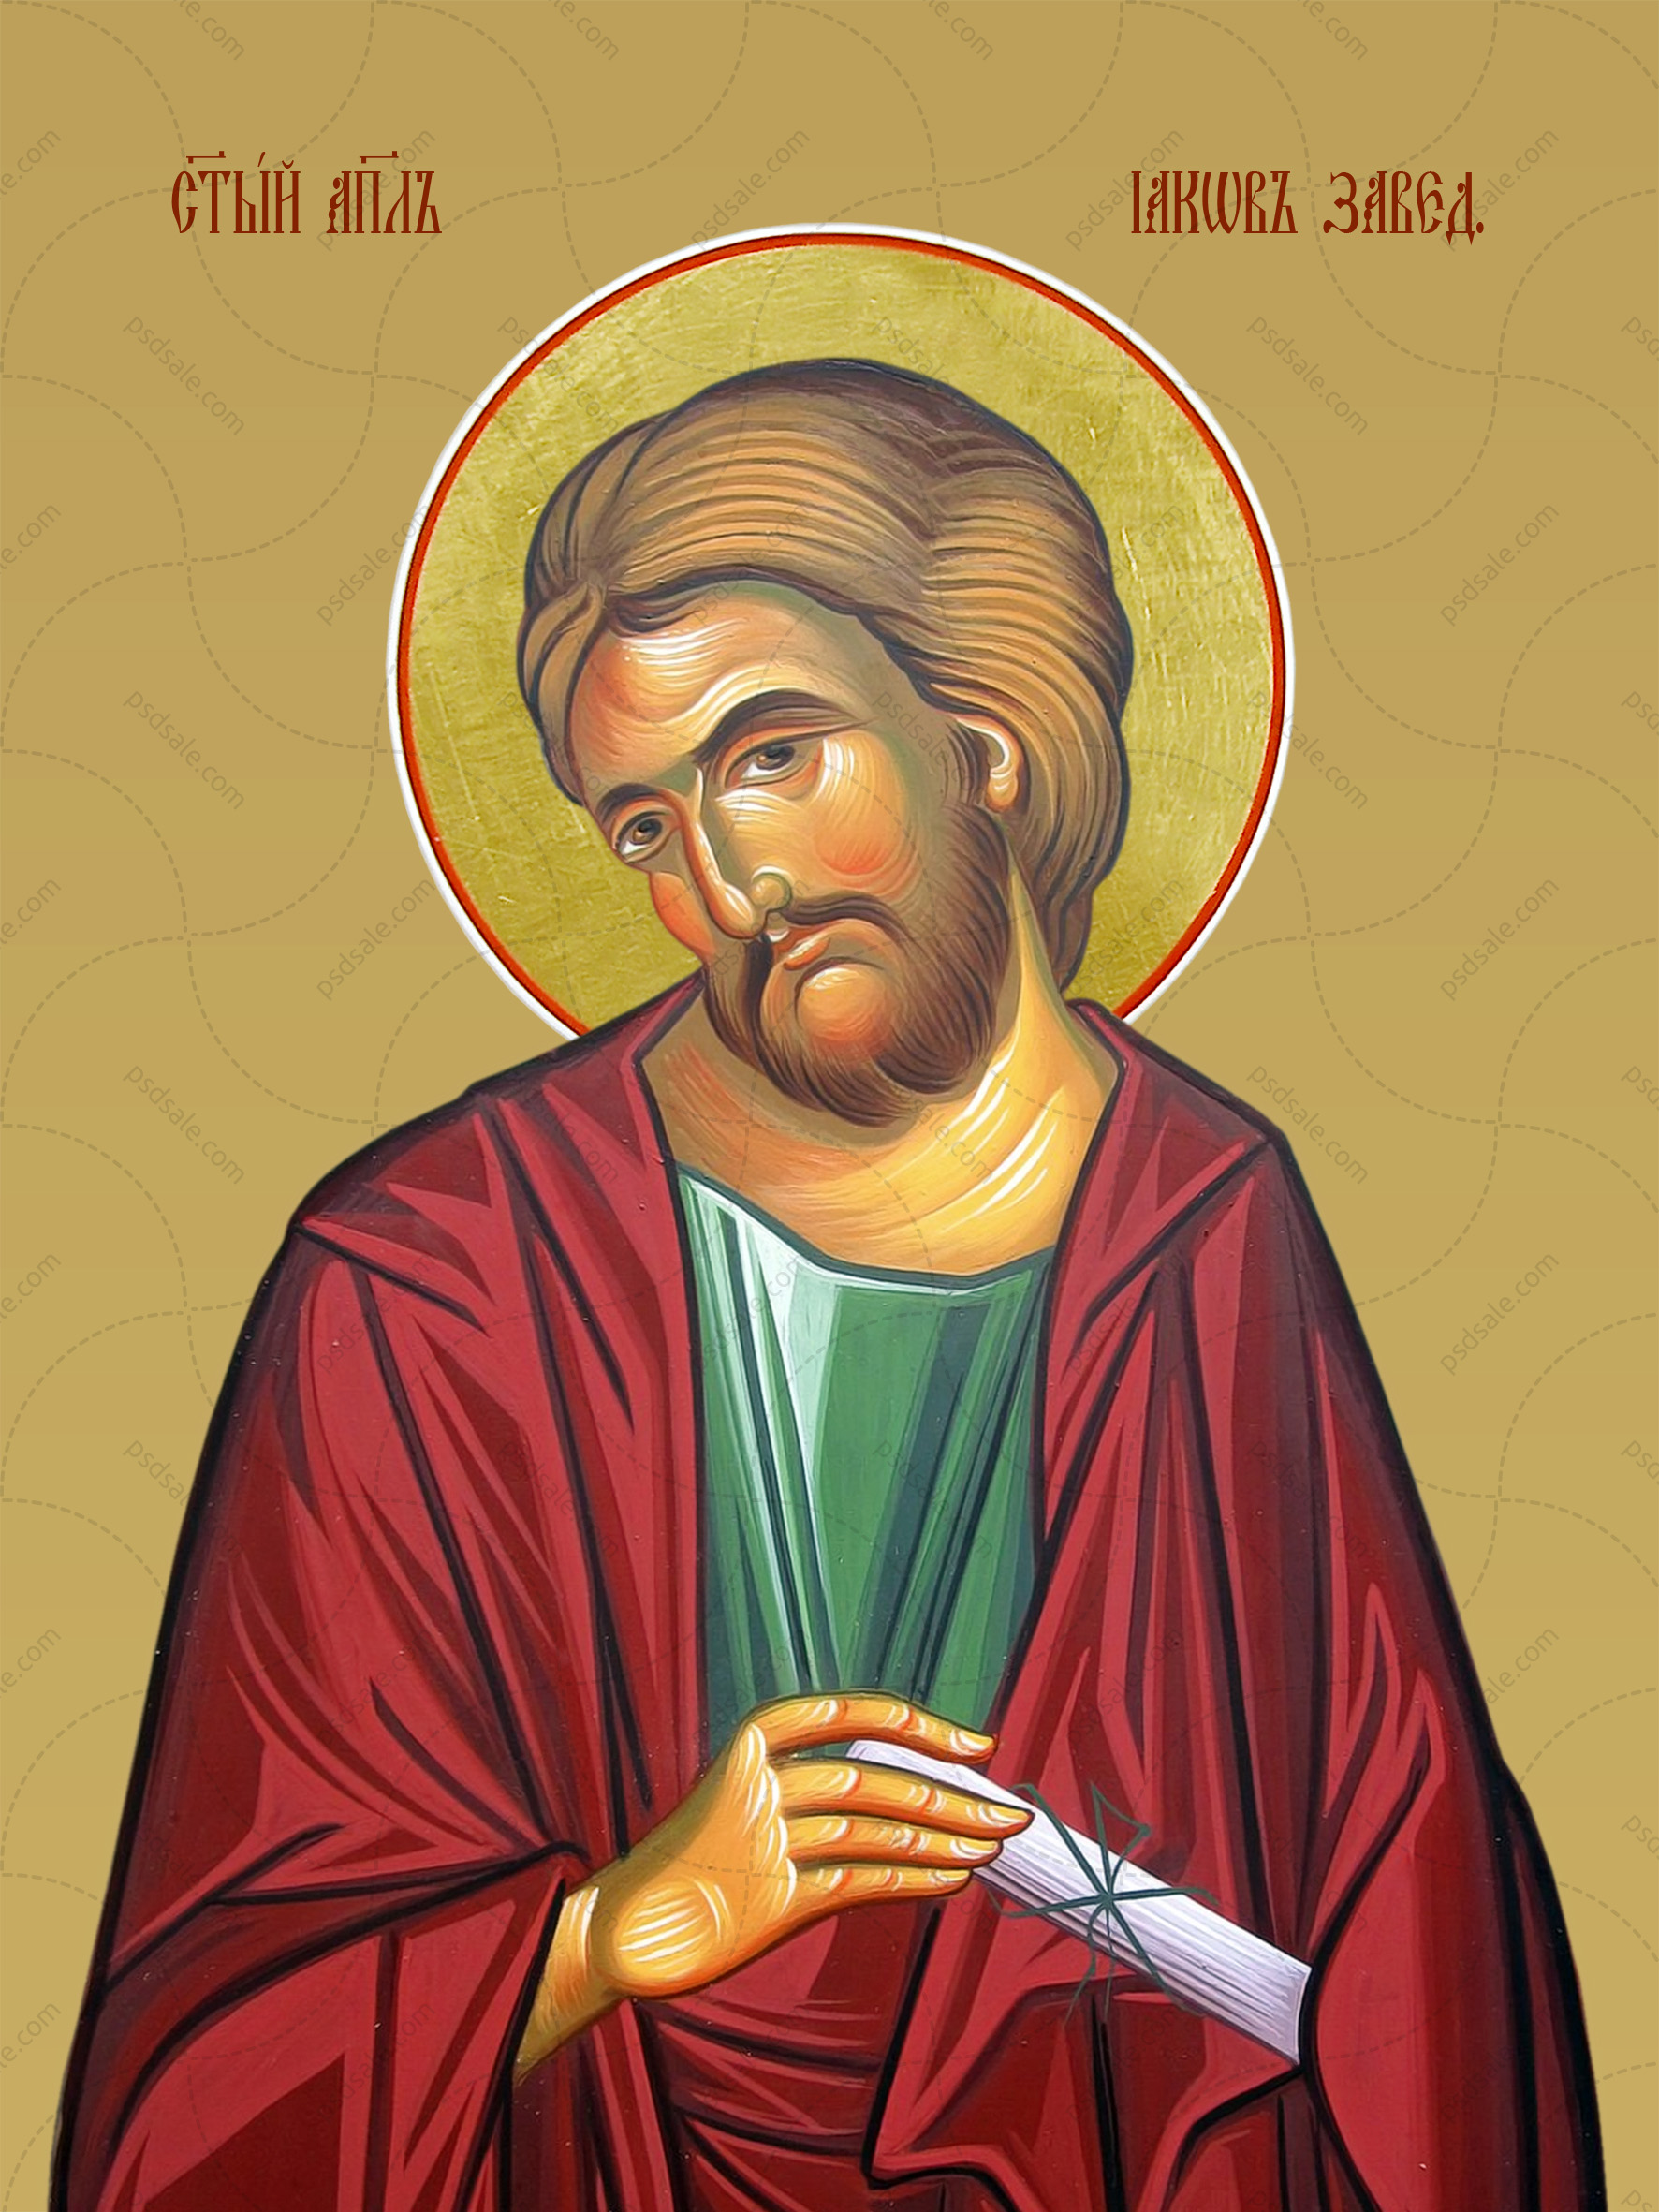 Иаков Зеведеев, святой апостол